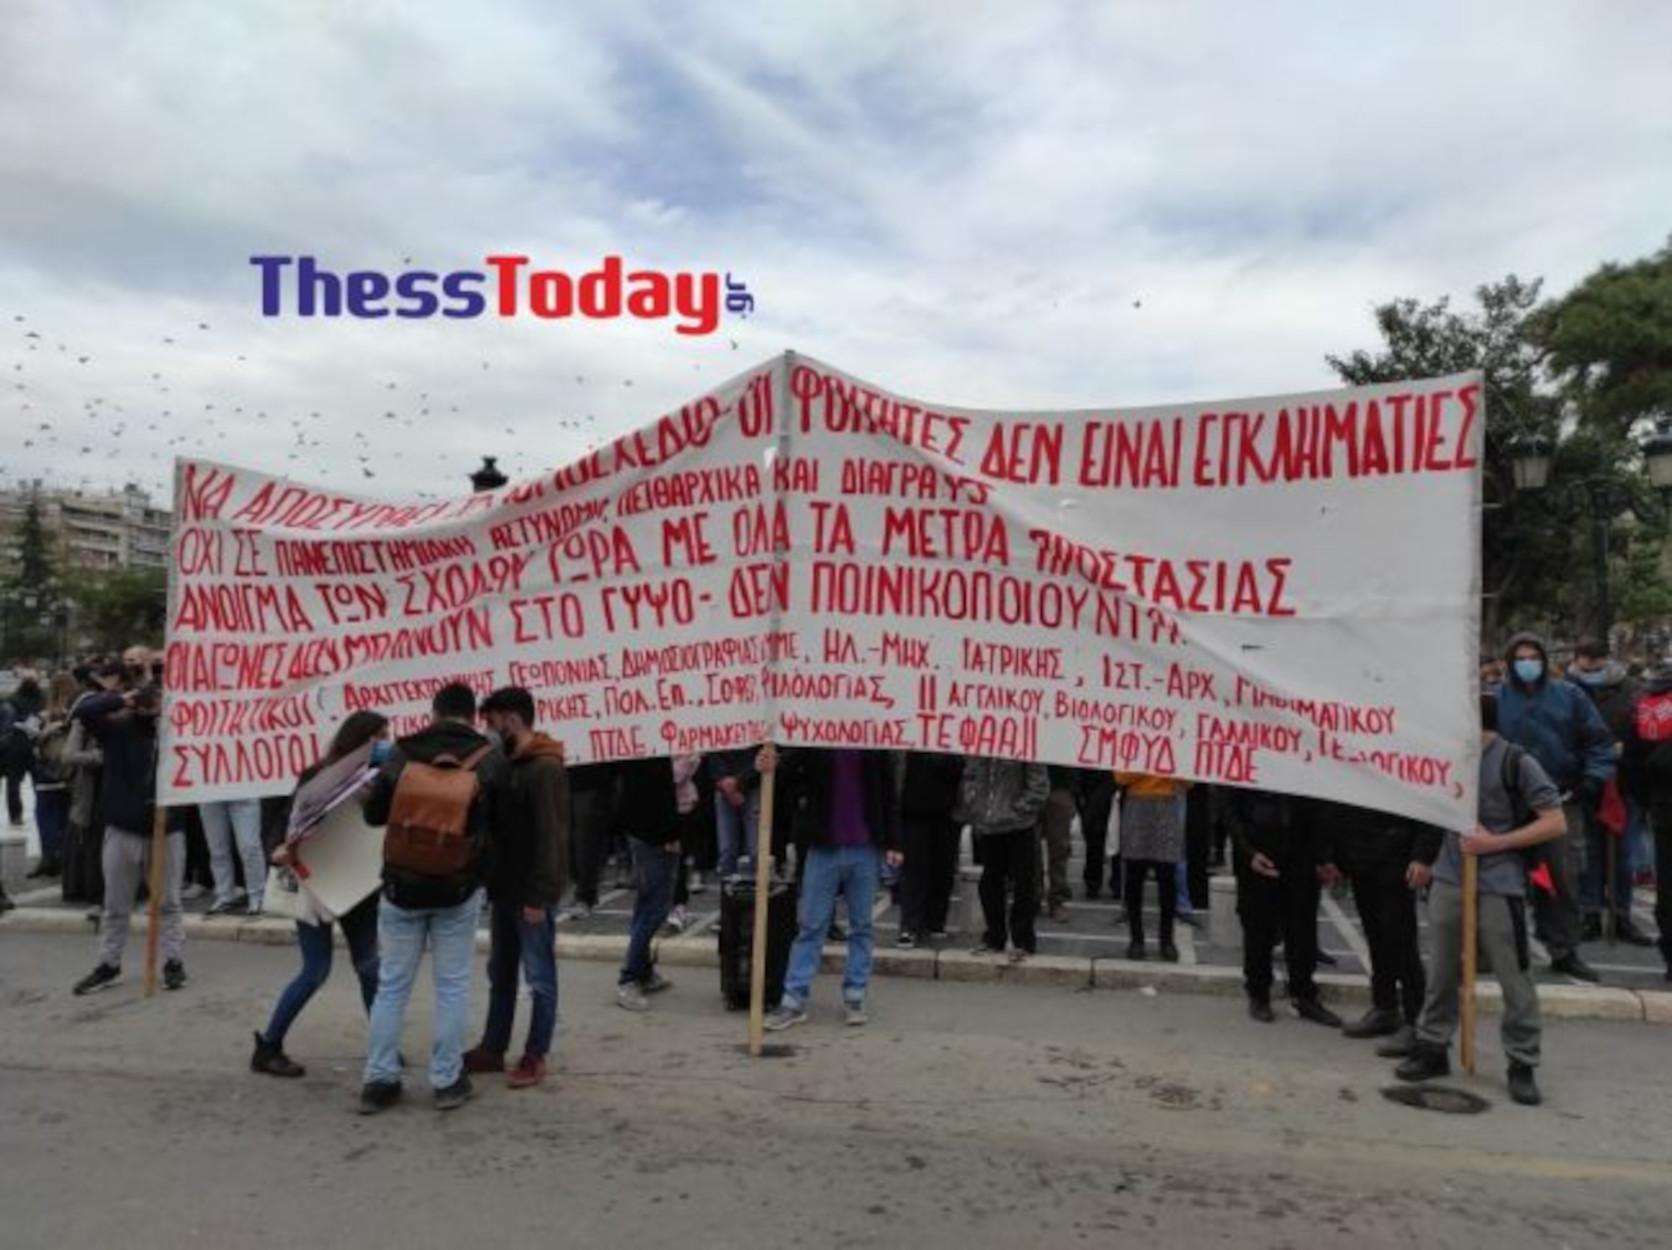 Θεσσαλονίκη: Συγκέντρωση ενάντια στο νομοσχέδιο για τα ΑΕΙ (pics, video)